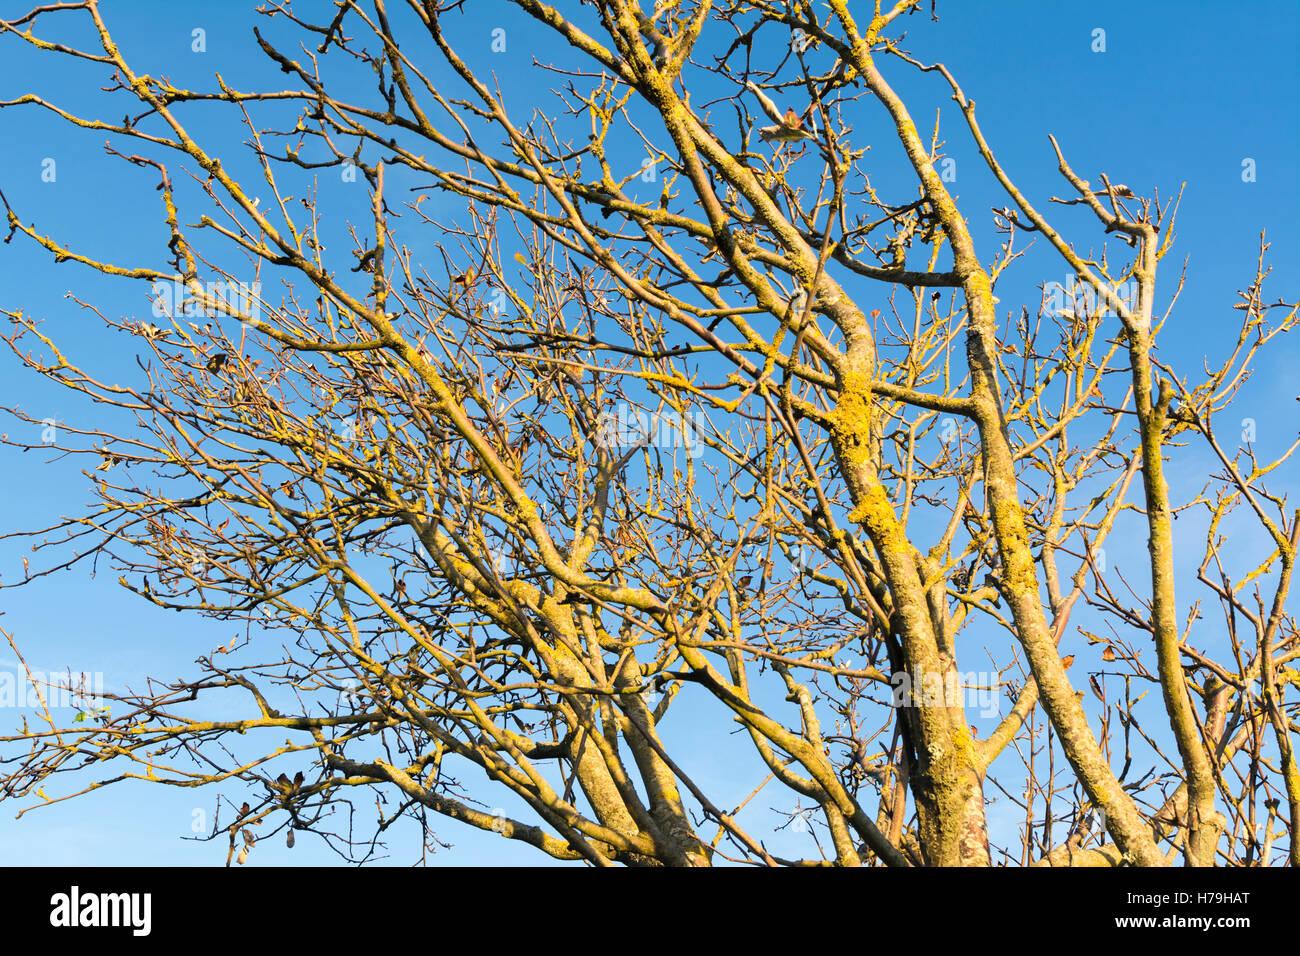 Rami di albero spoglio di foglie all'inizio dell'inverno, contro il cielo blu. Immagini Stock